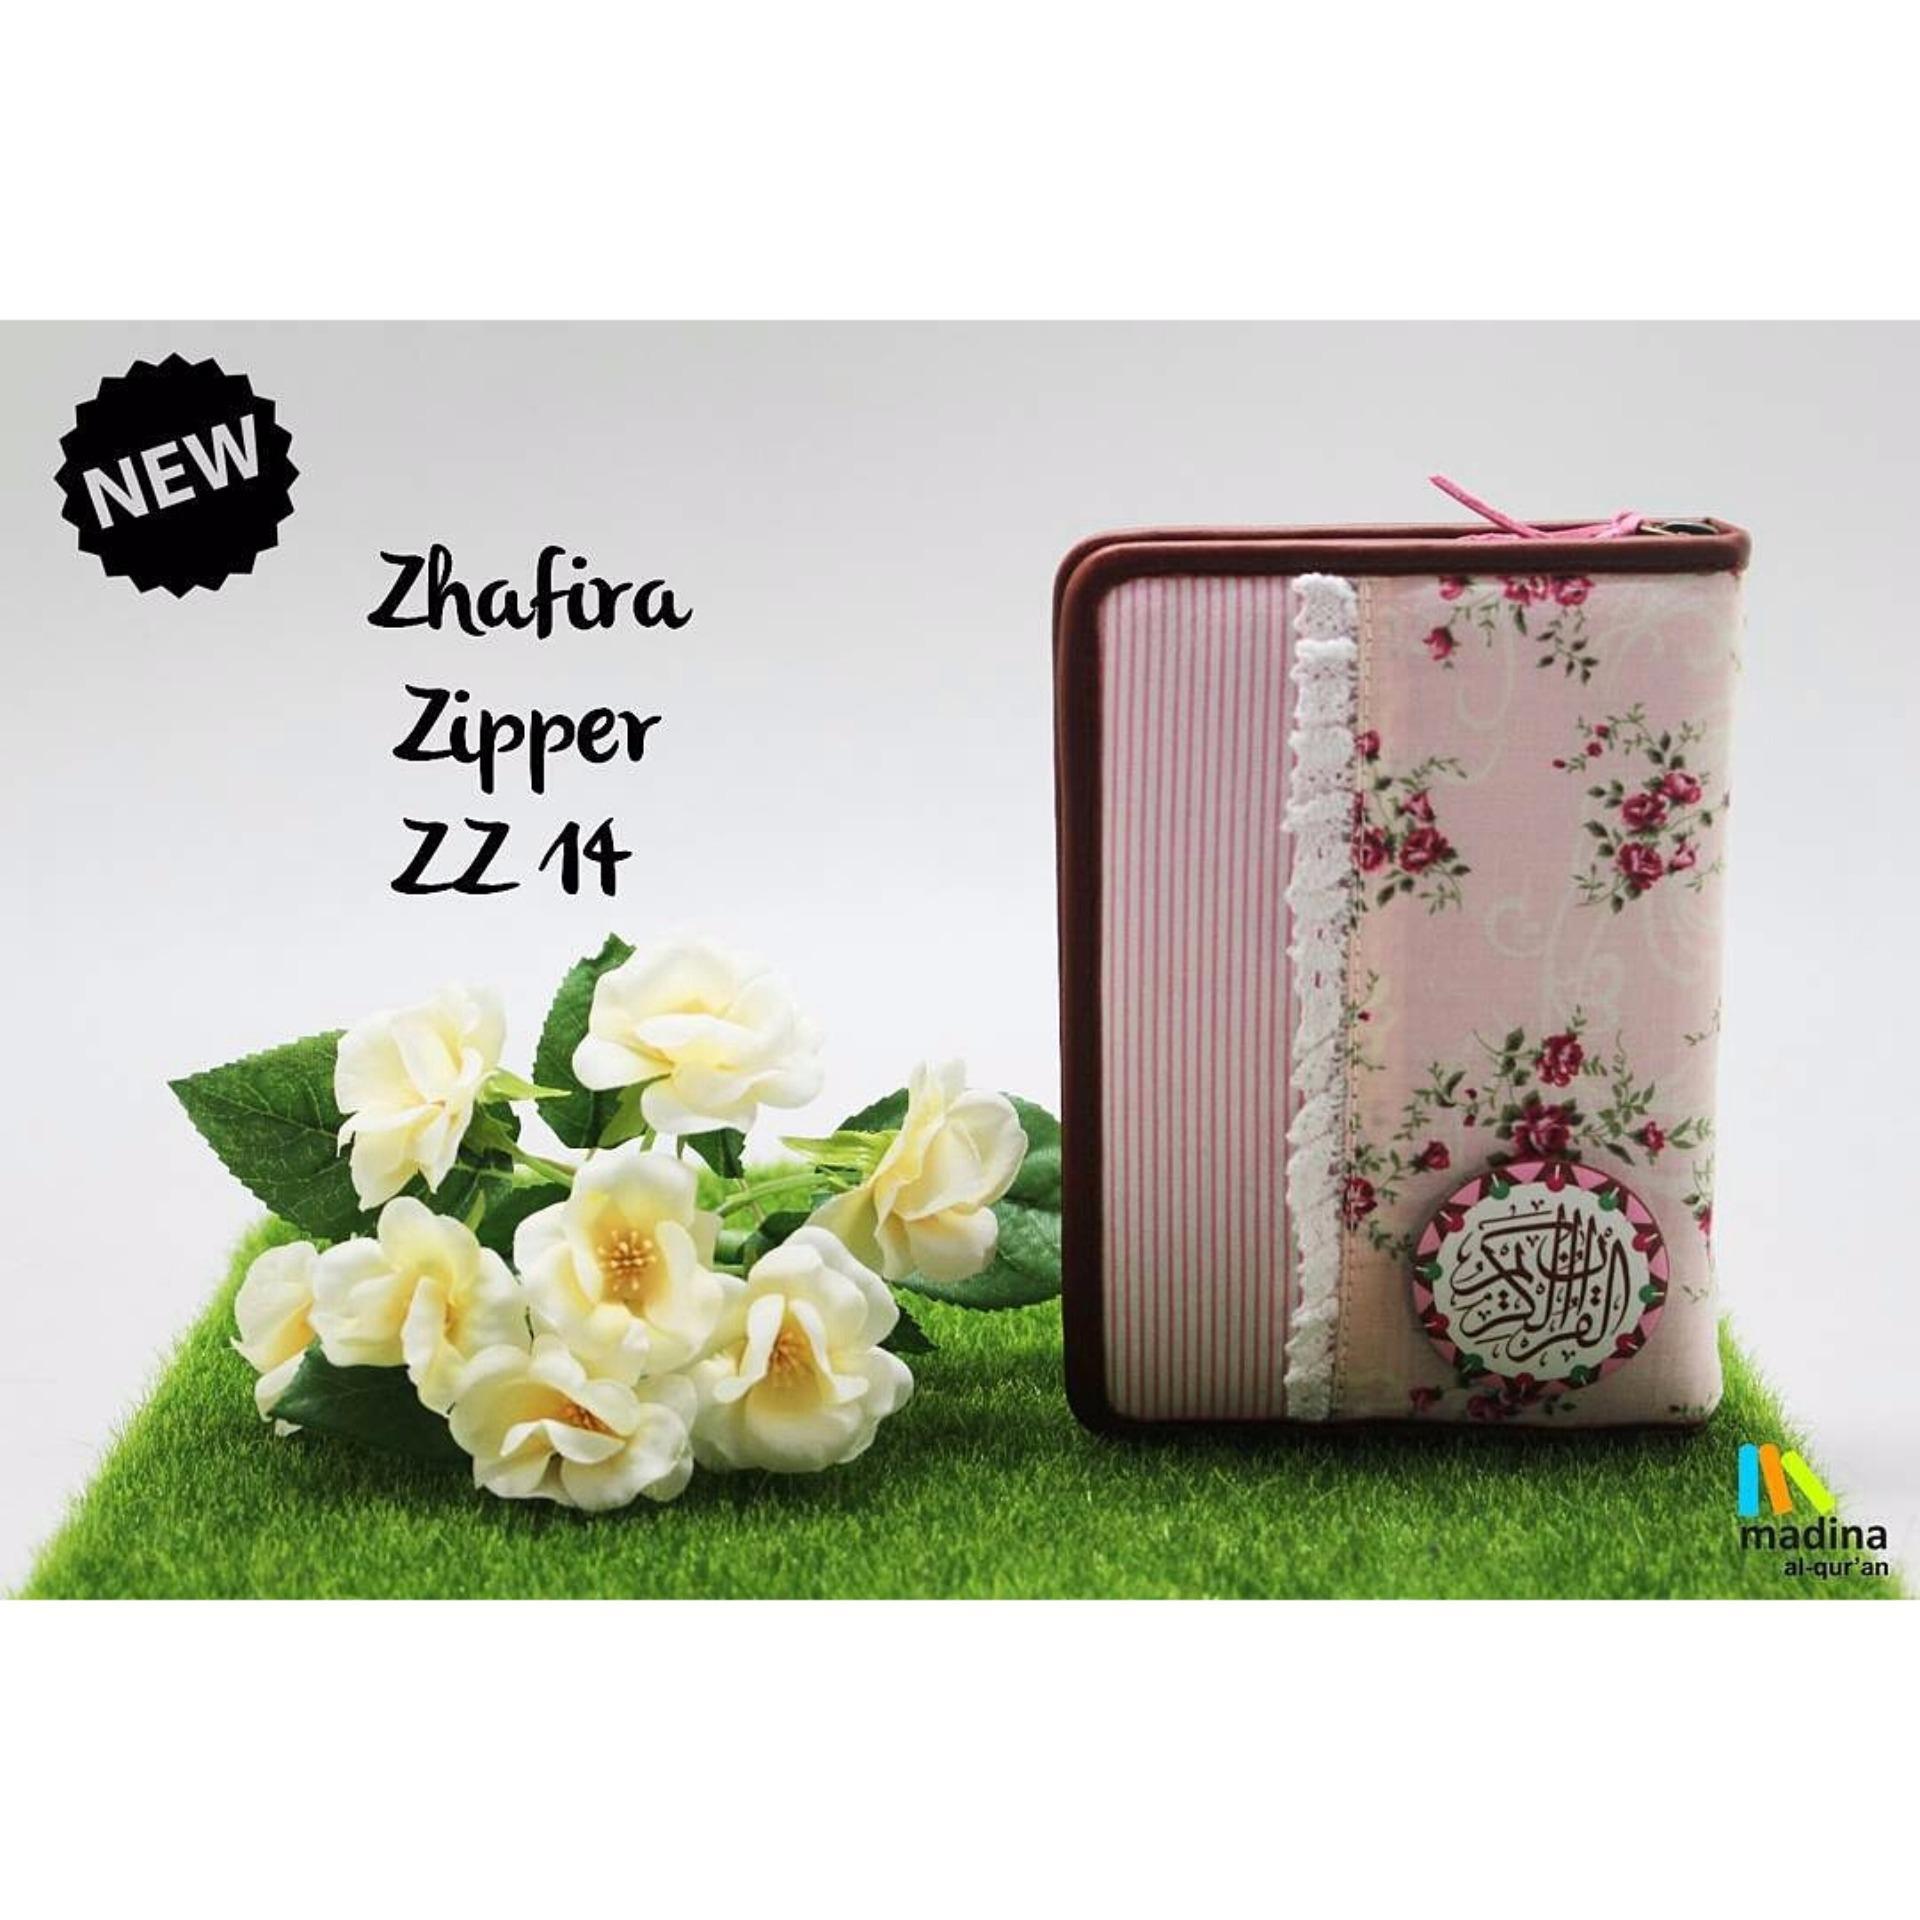 Al Quran Madina Zhafira Zipper Rainbow Zz 14 Daftar Harga Terkini Alquran Premium Zfr 64